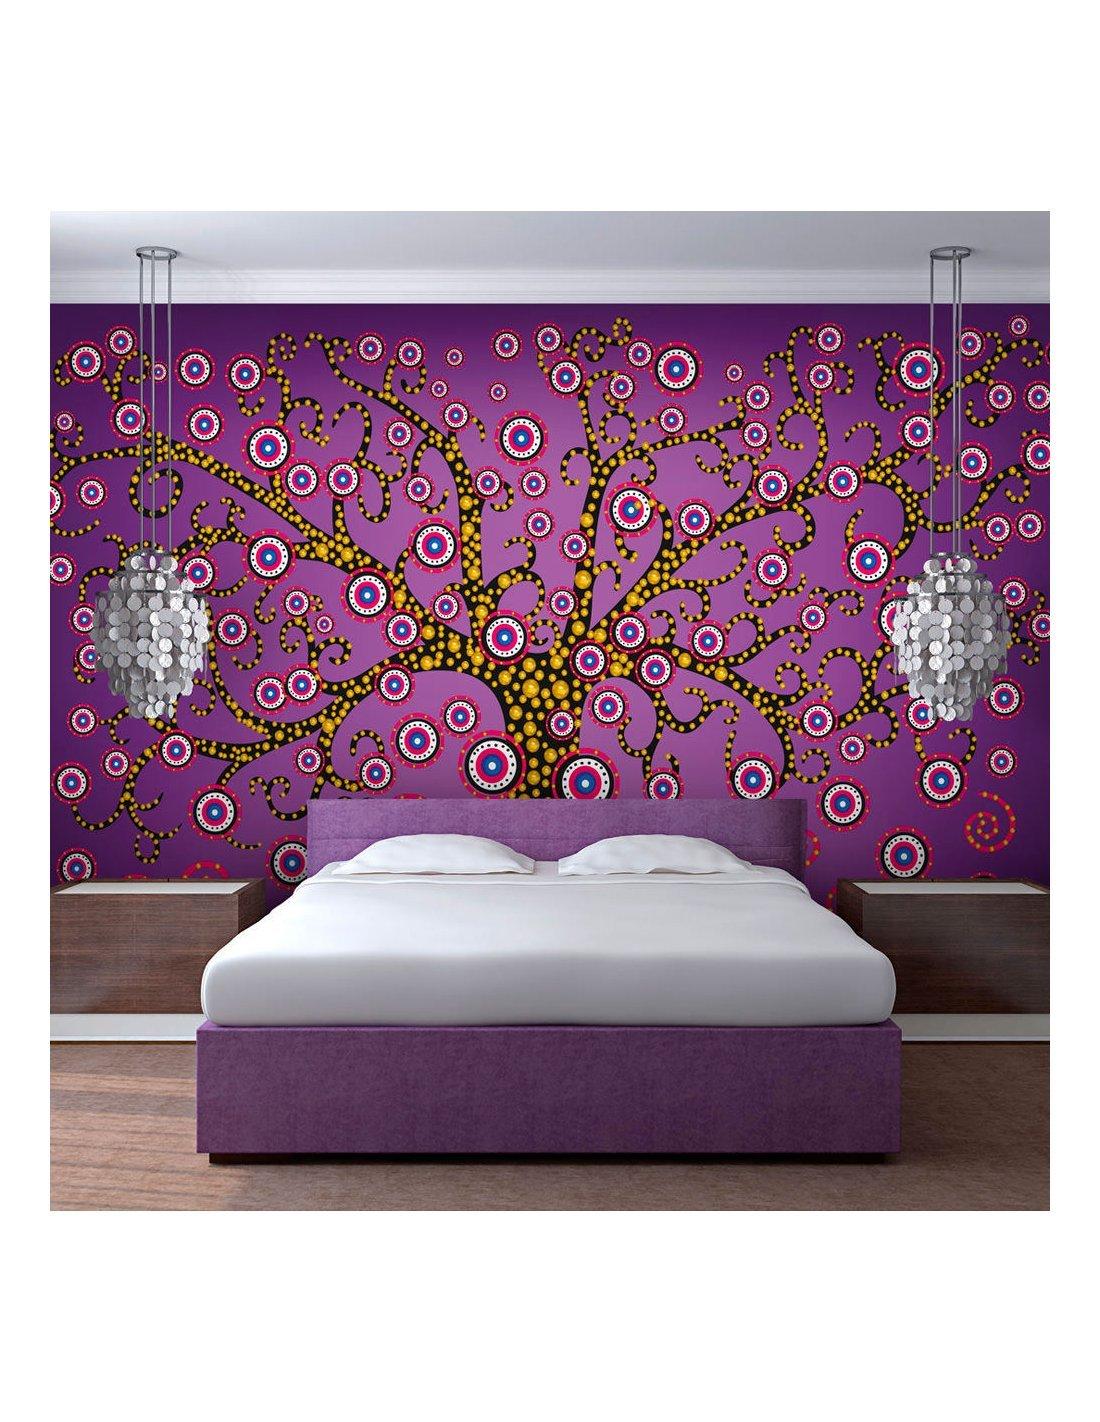 papier peint abstraction: arbre (violet) à 89,90 € chez recollection